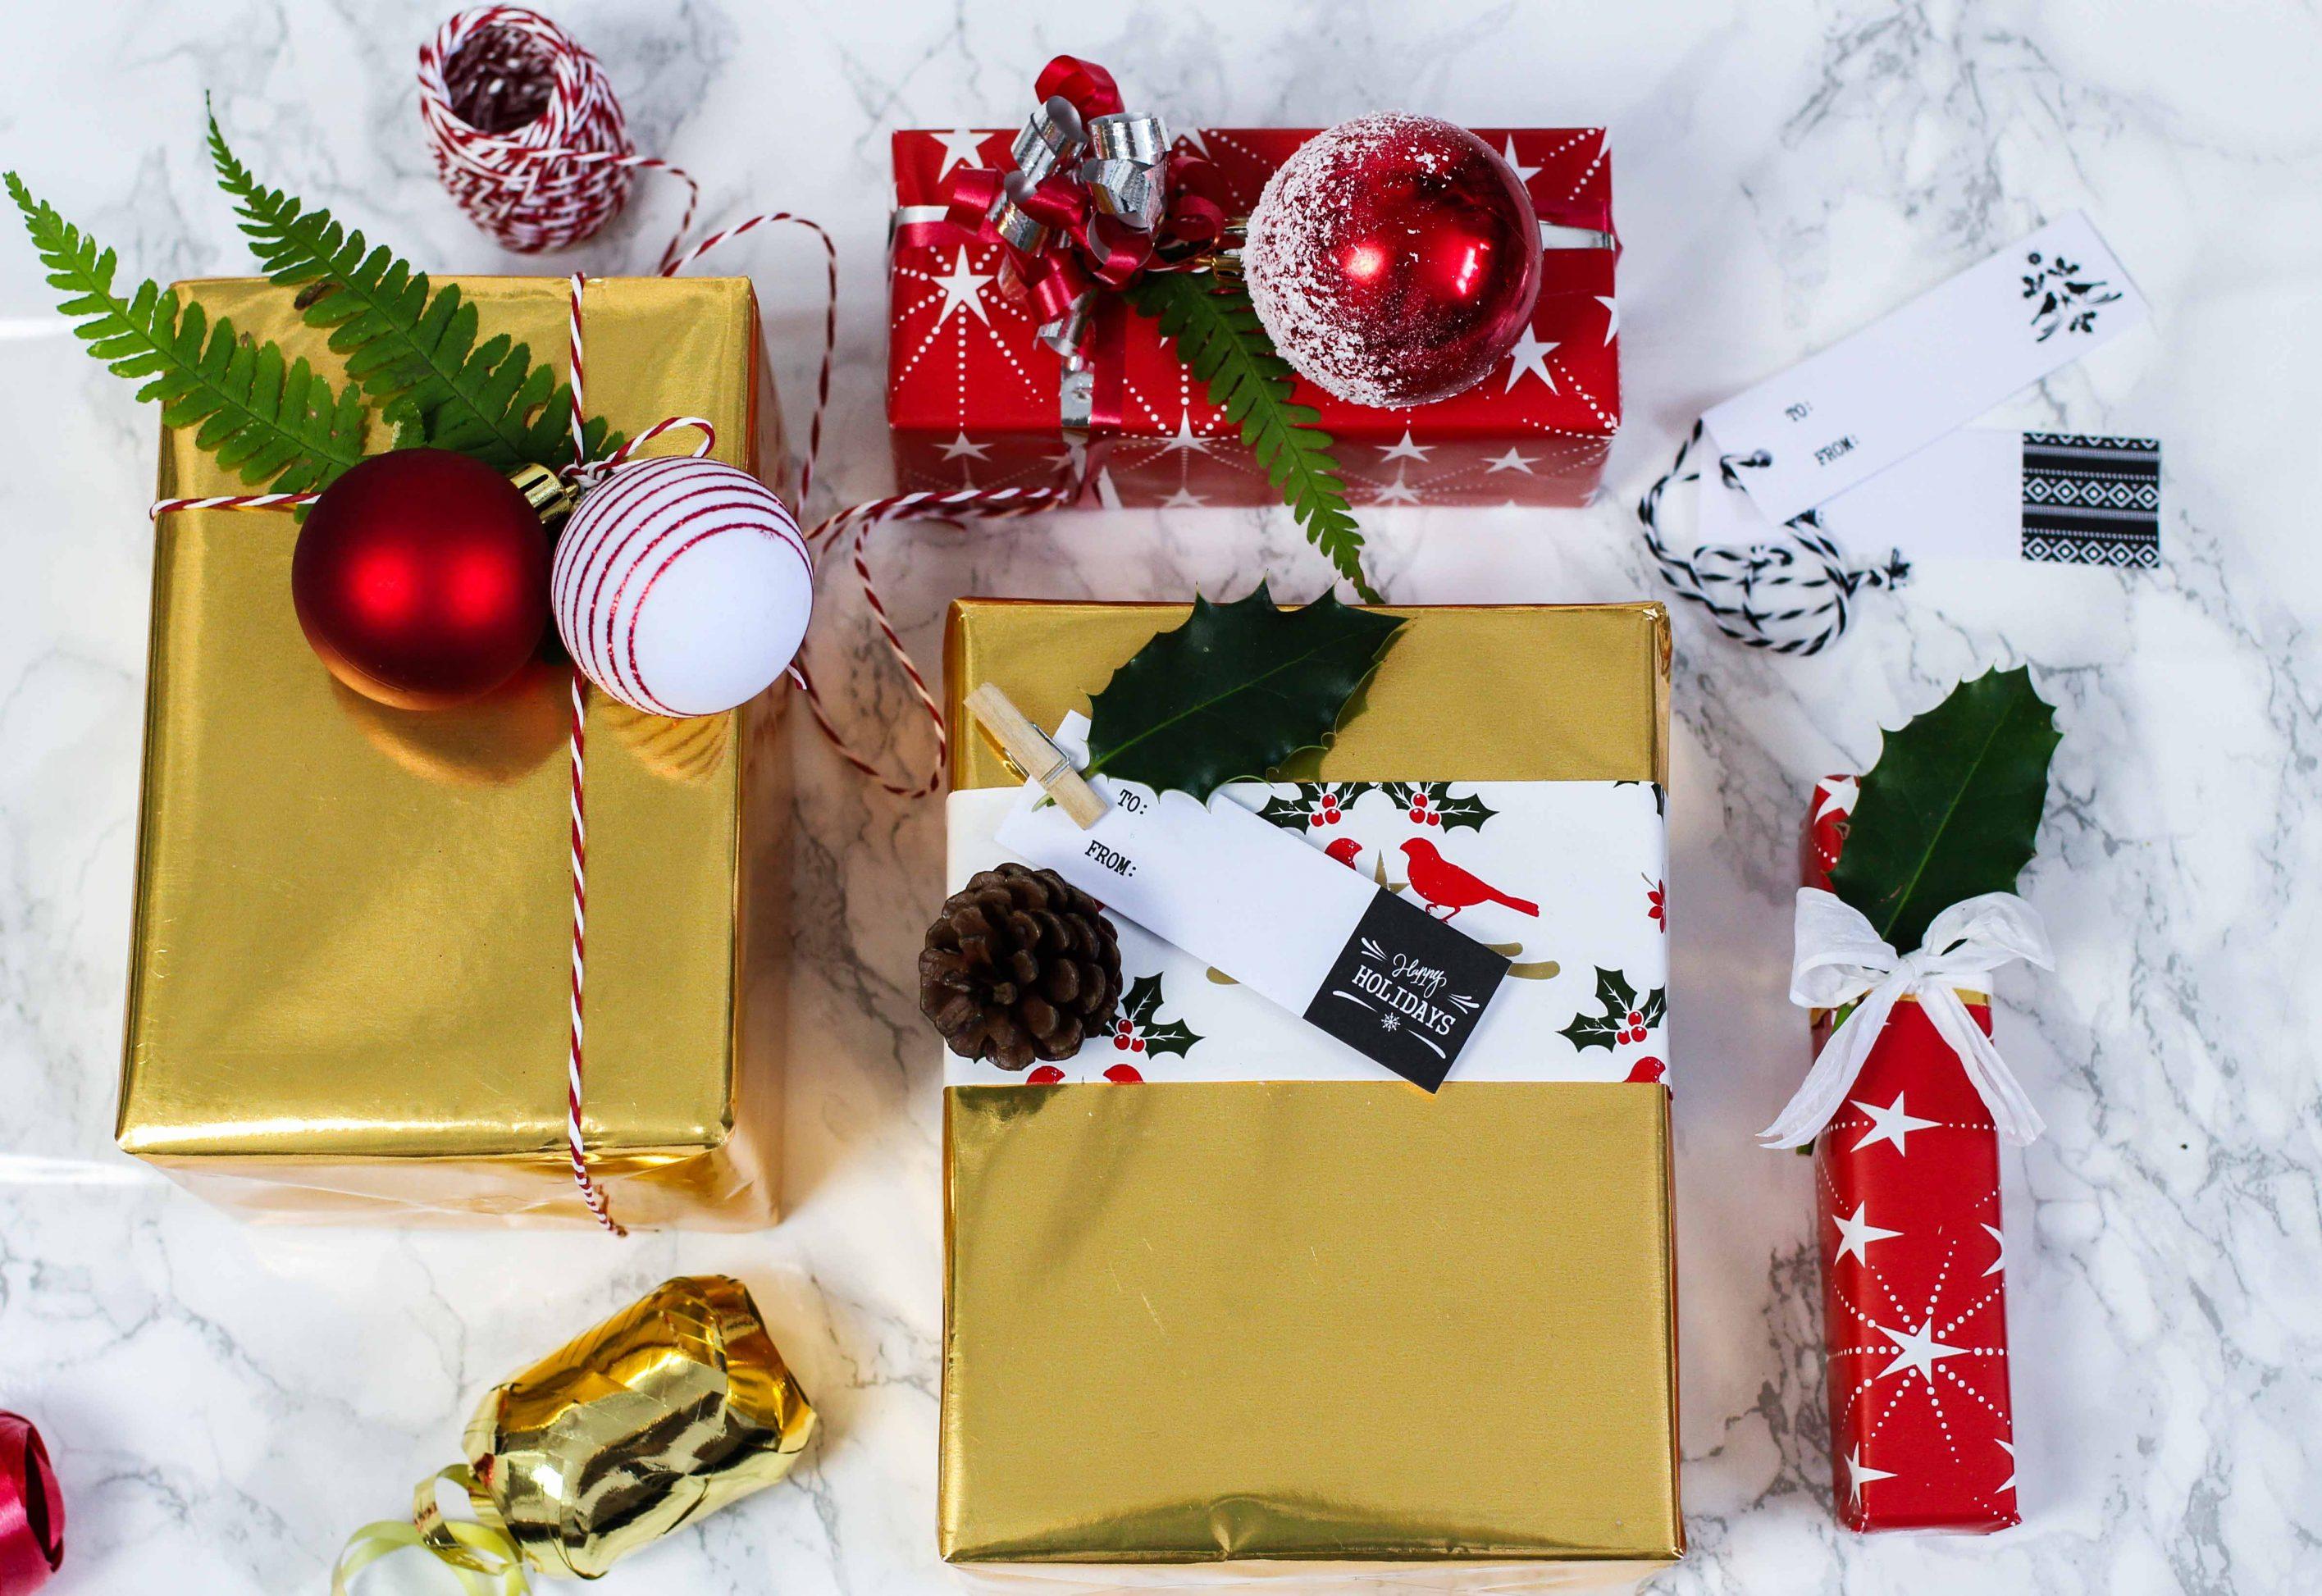 Ideen Weihnachten.Geschenke Kreativ Einpacken Fur Weihnachten Kreativer